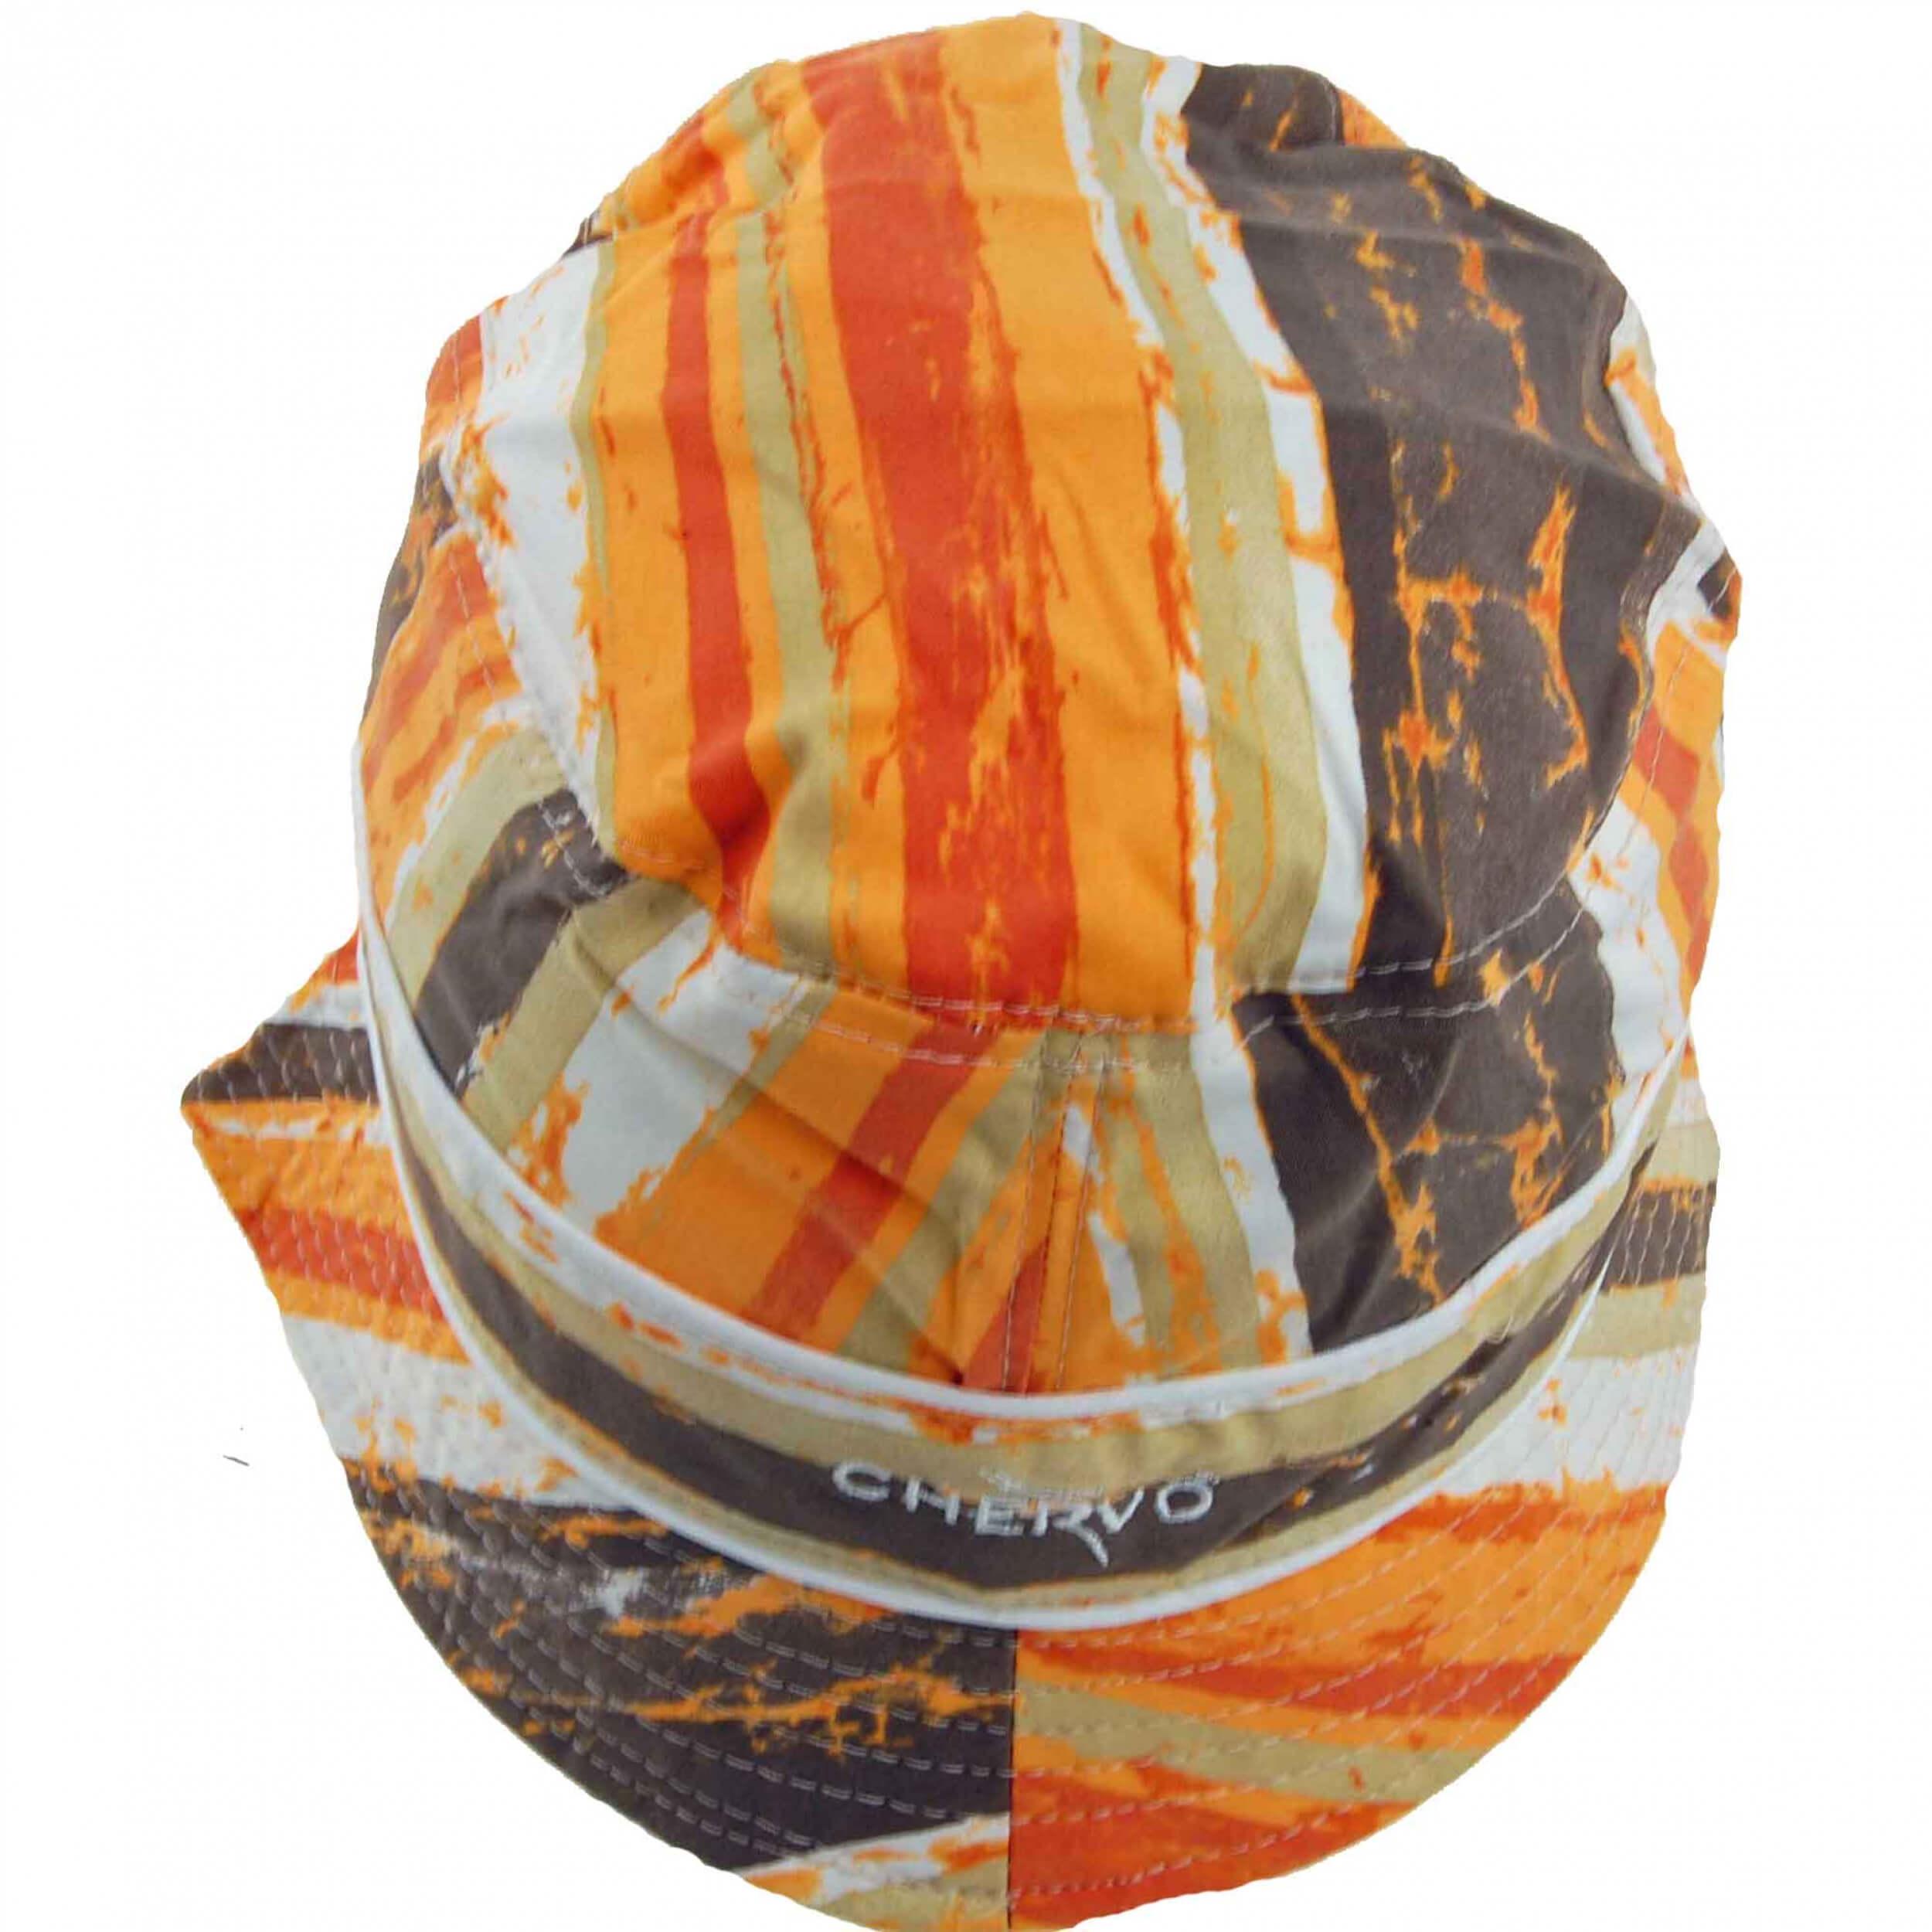 Chervo Sonnenhut Wecchioni DRY MATIC 16D orange gemustert